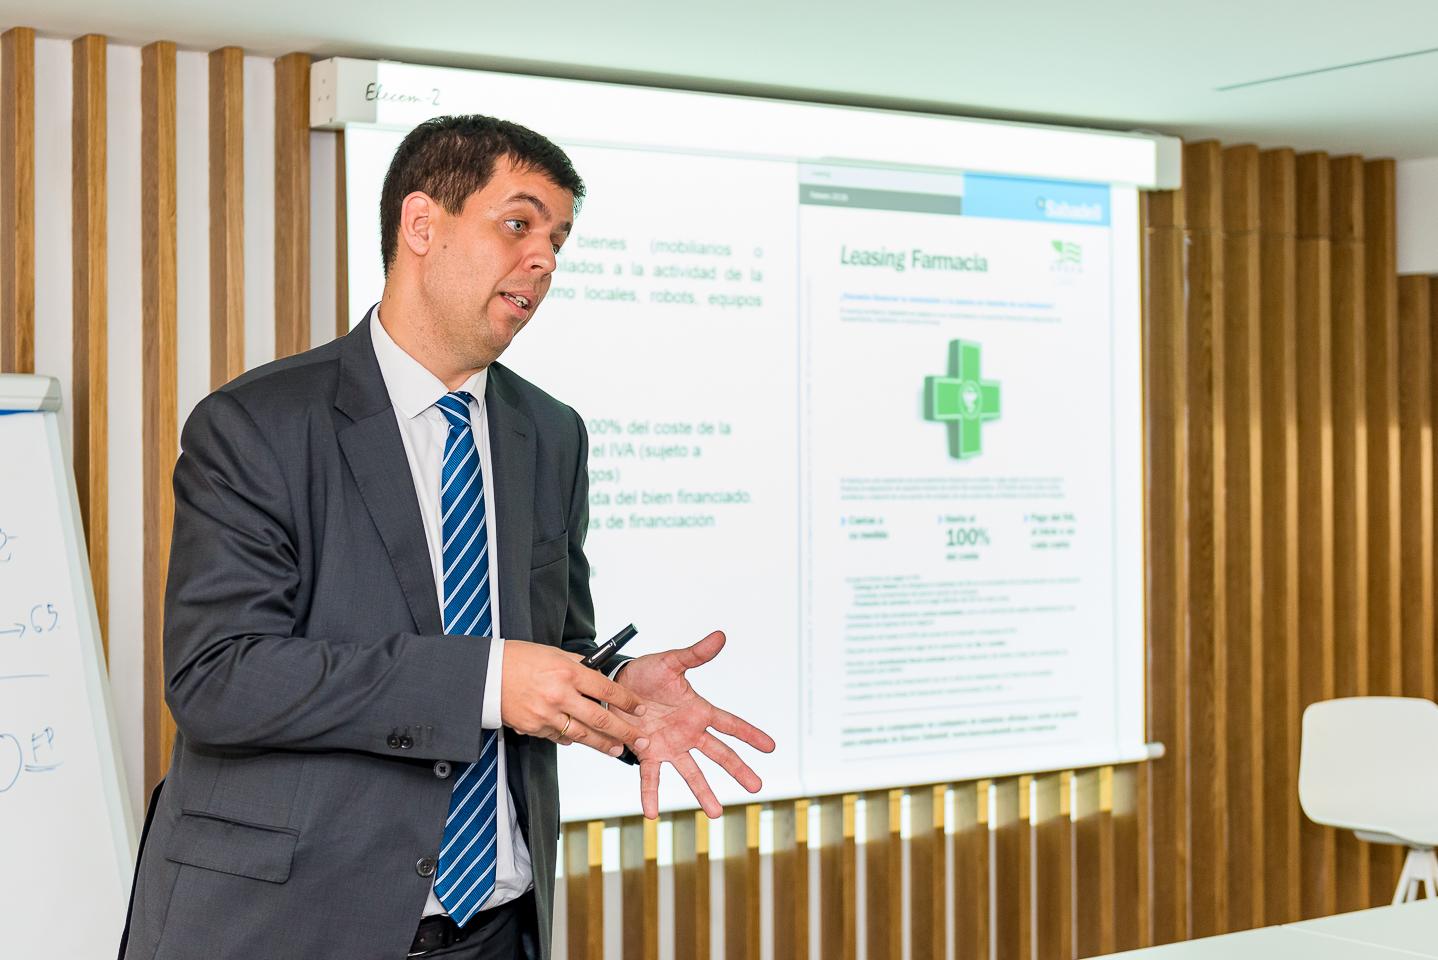 APEFA aborda las claves para optimizar la gestión fiscal de la oficina de farmacia en Alicante 4